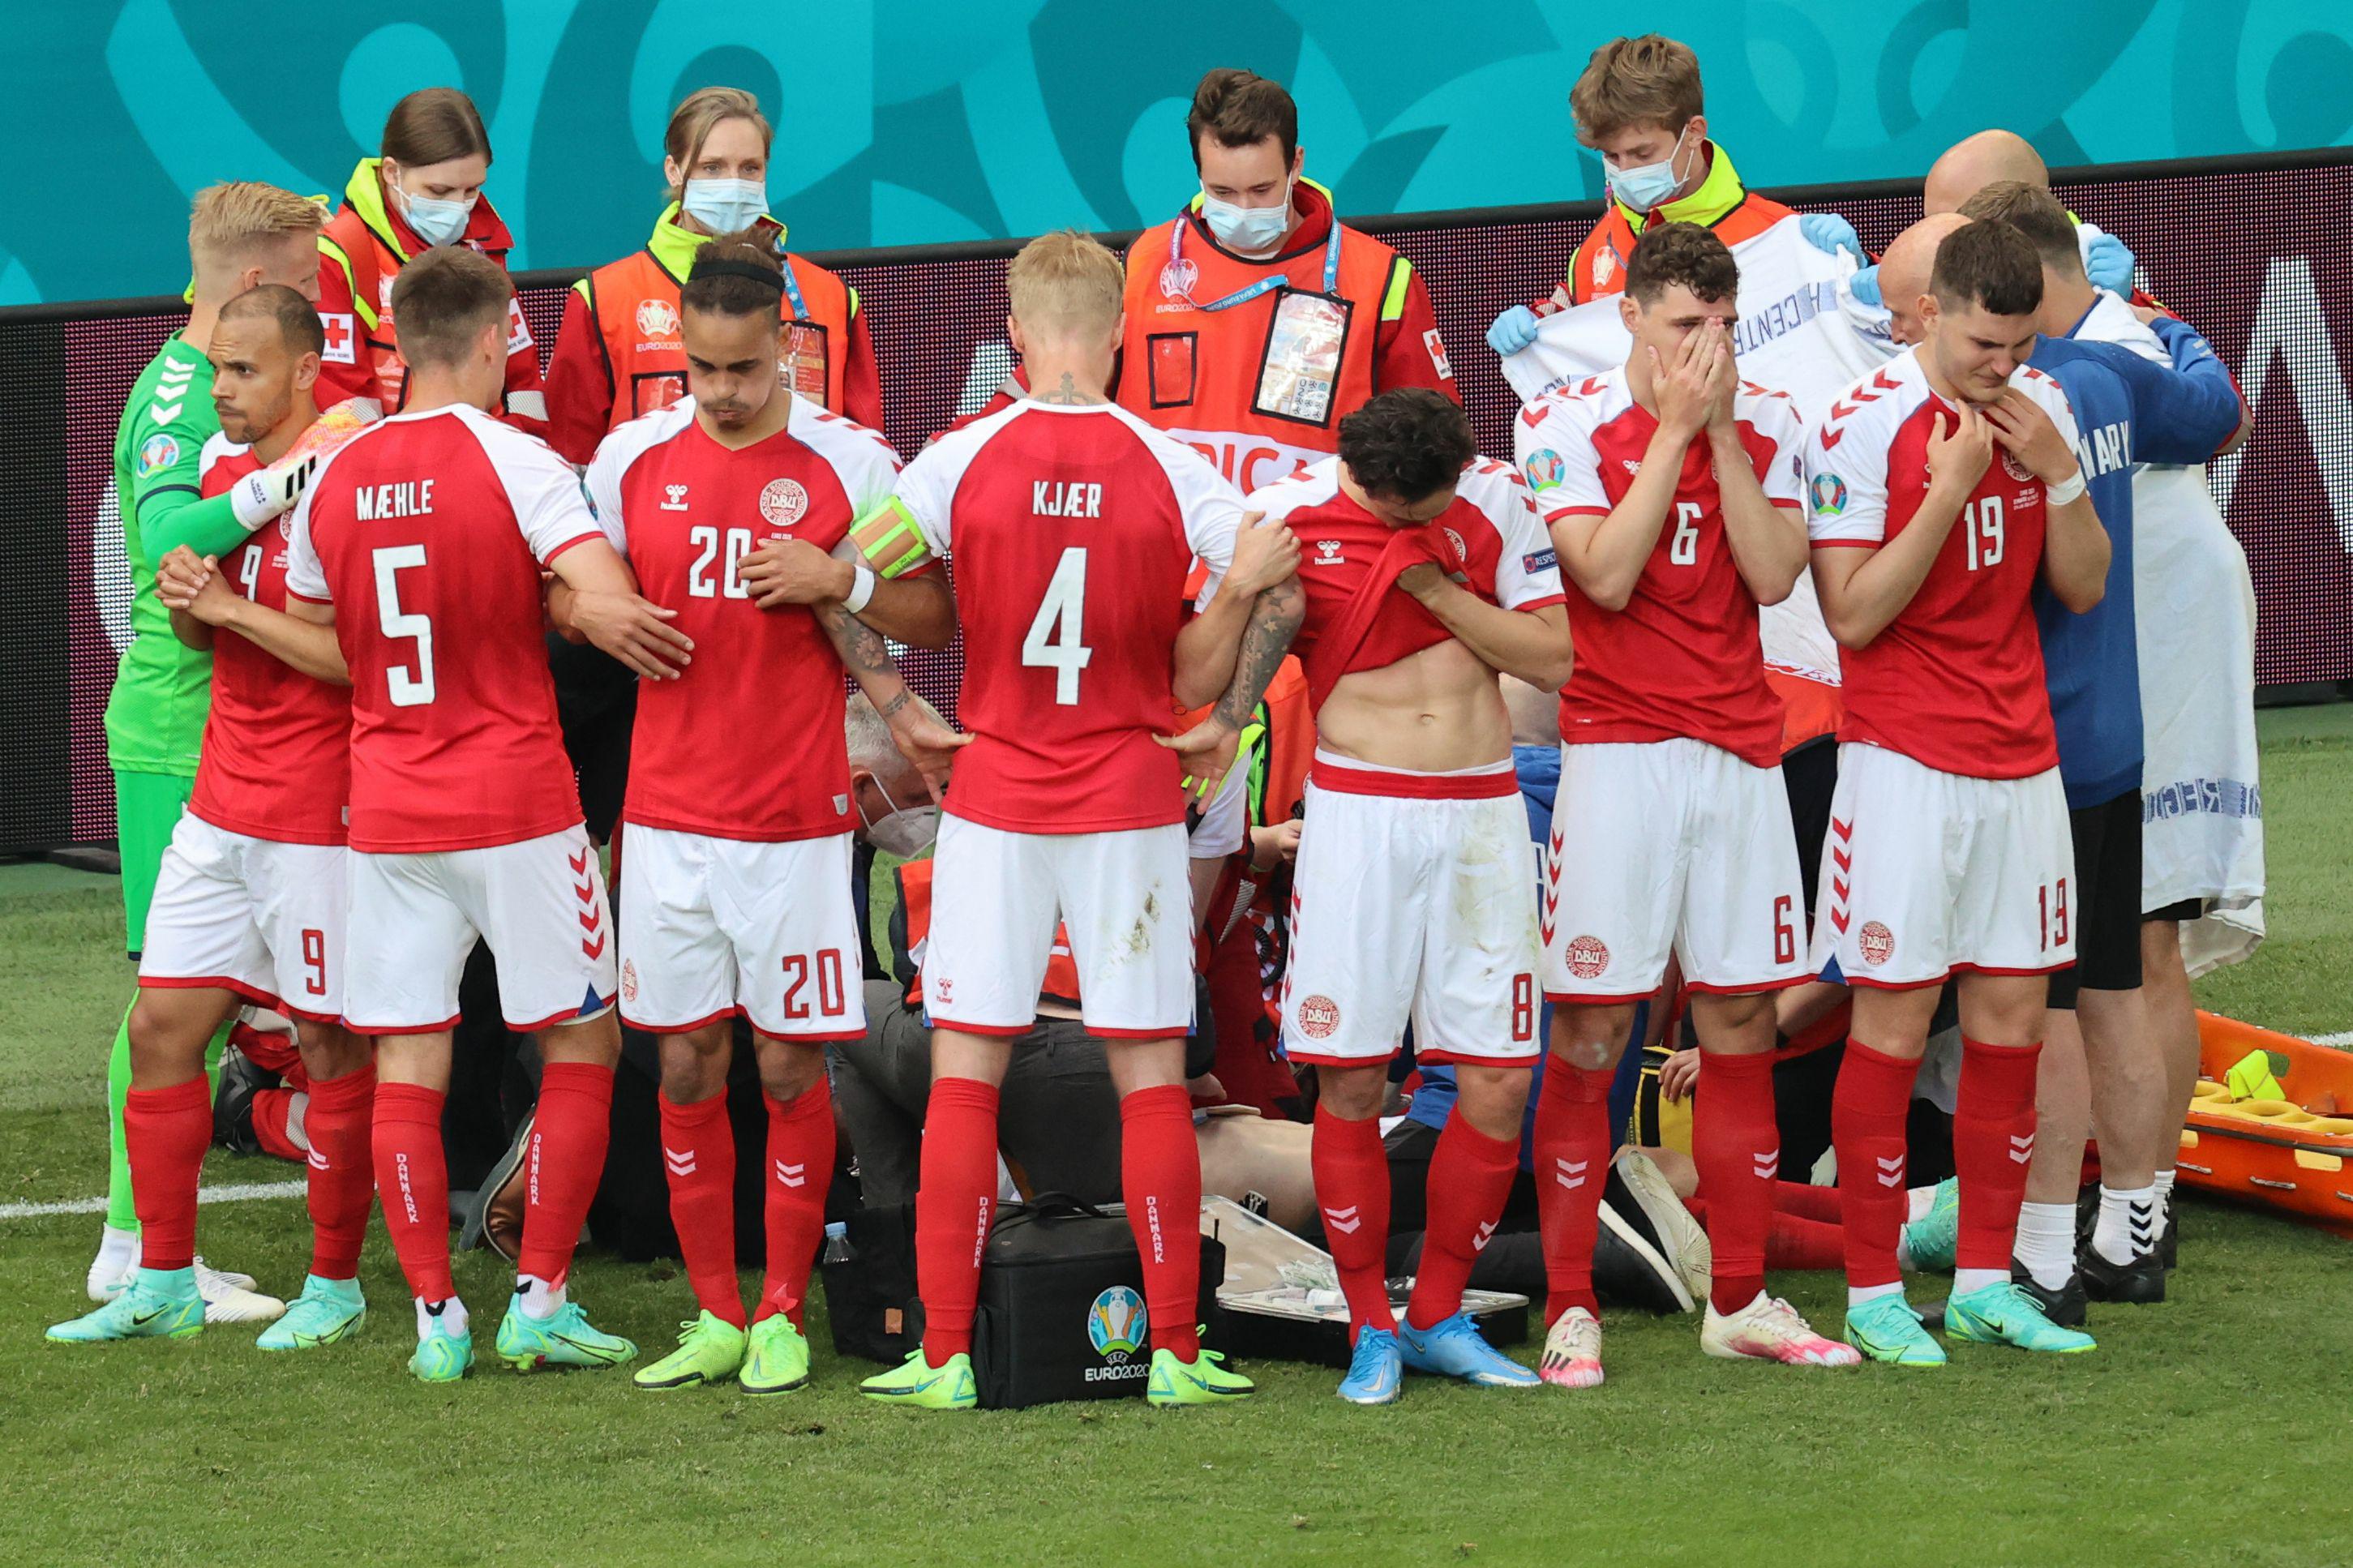 丹麦球员保护埃里克森隐私,围成了一圈。